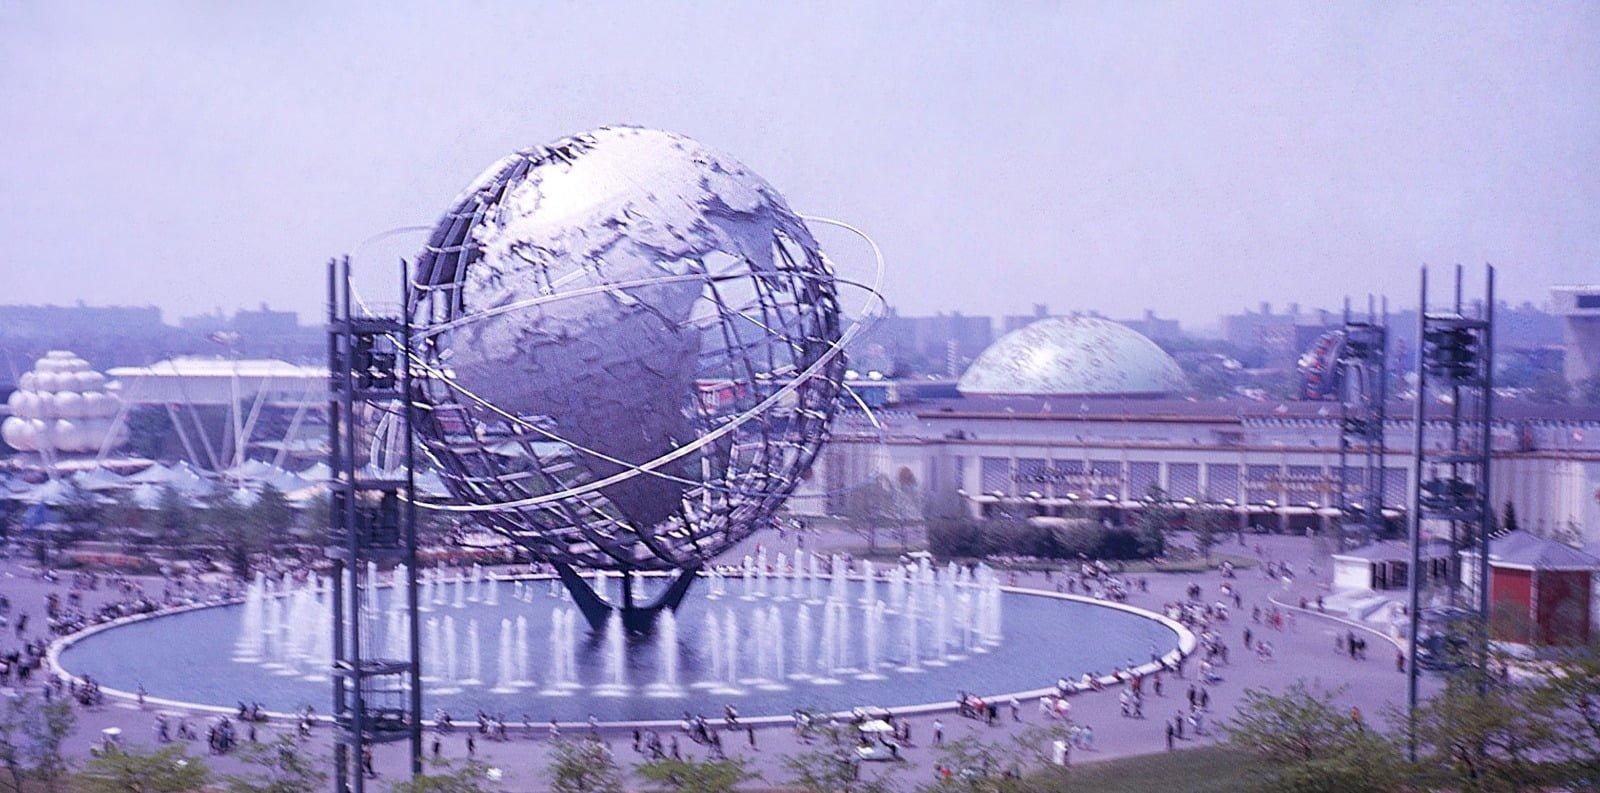 Recuerdos: FERIA MUNDIAL DE NUEVA YORK     1964-1965